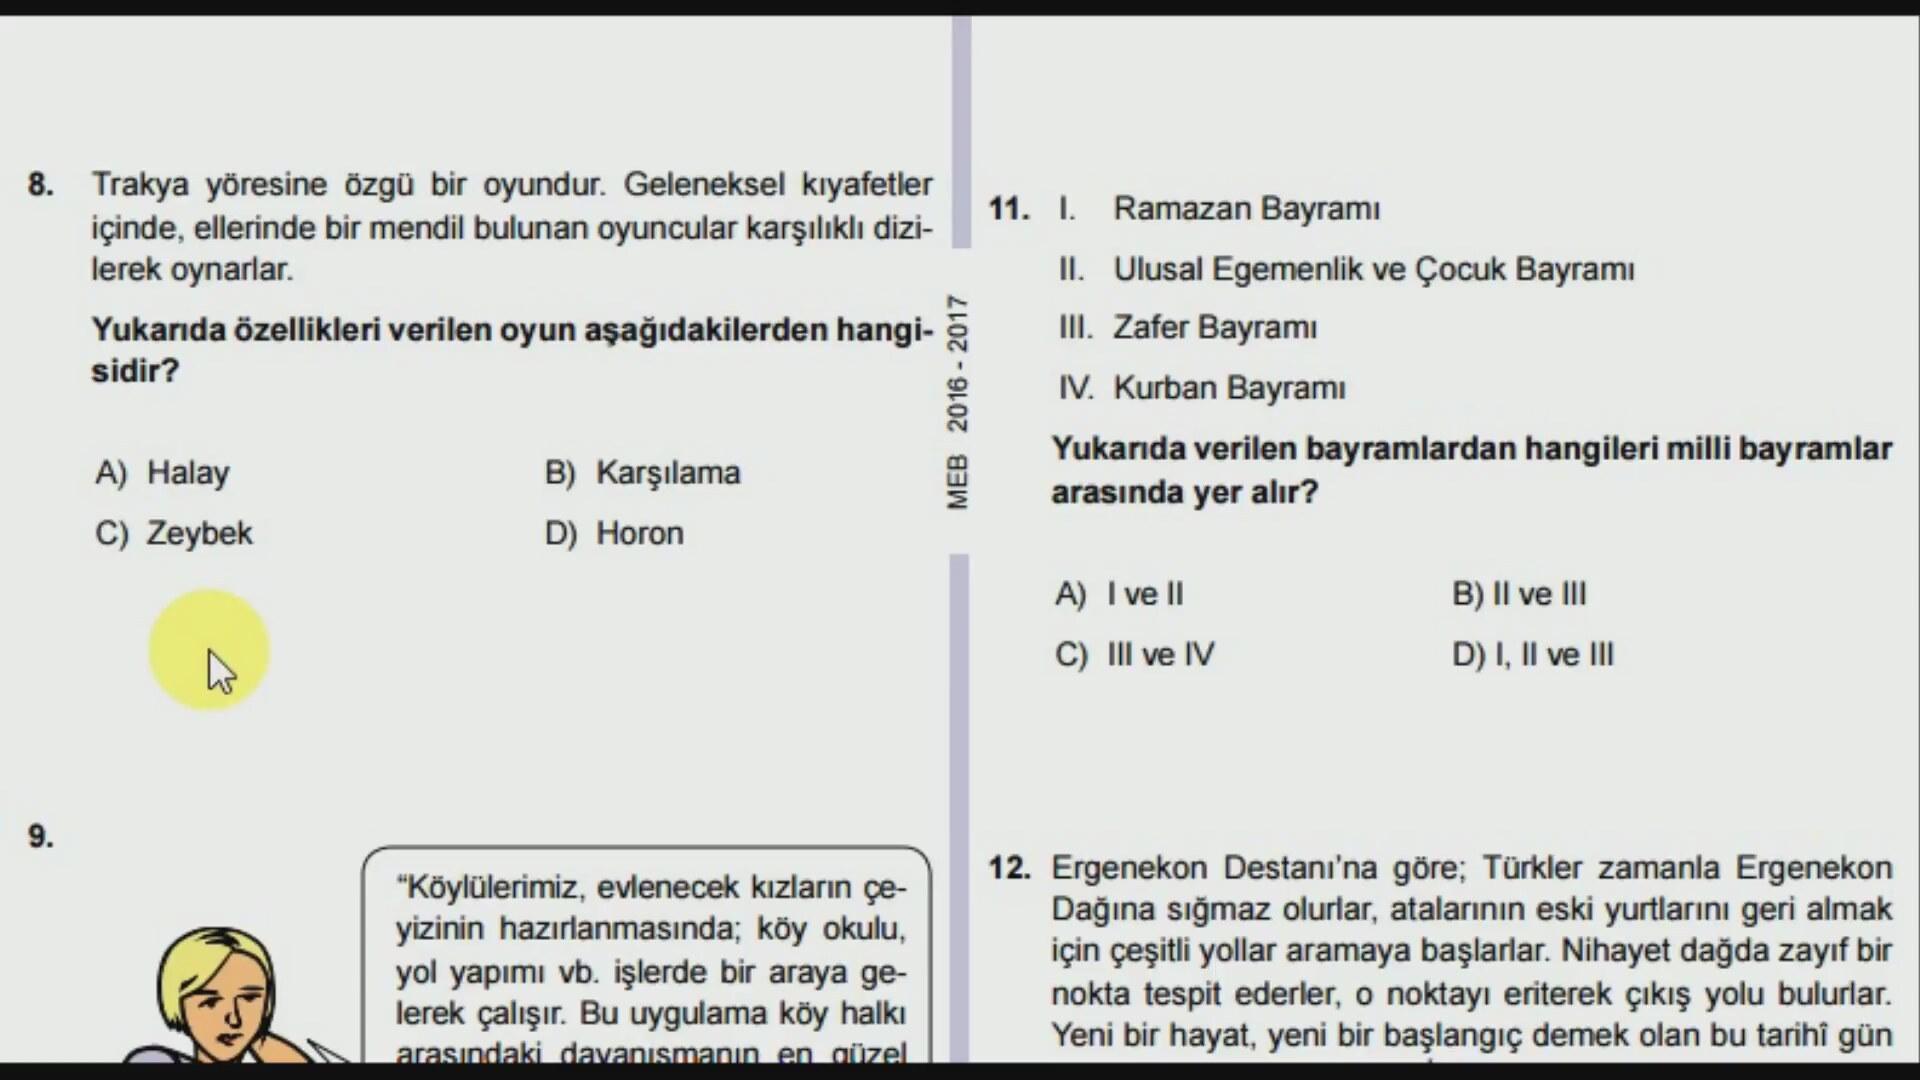 SOSYAL BİR ÇİFT MİSİNİZ (TEST)